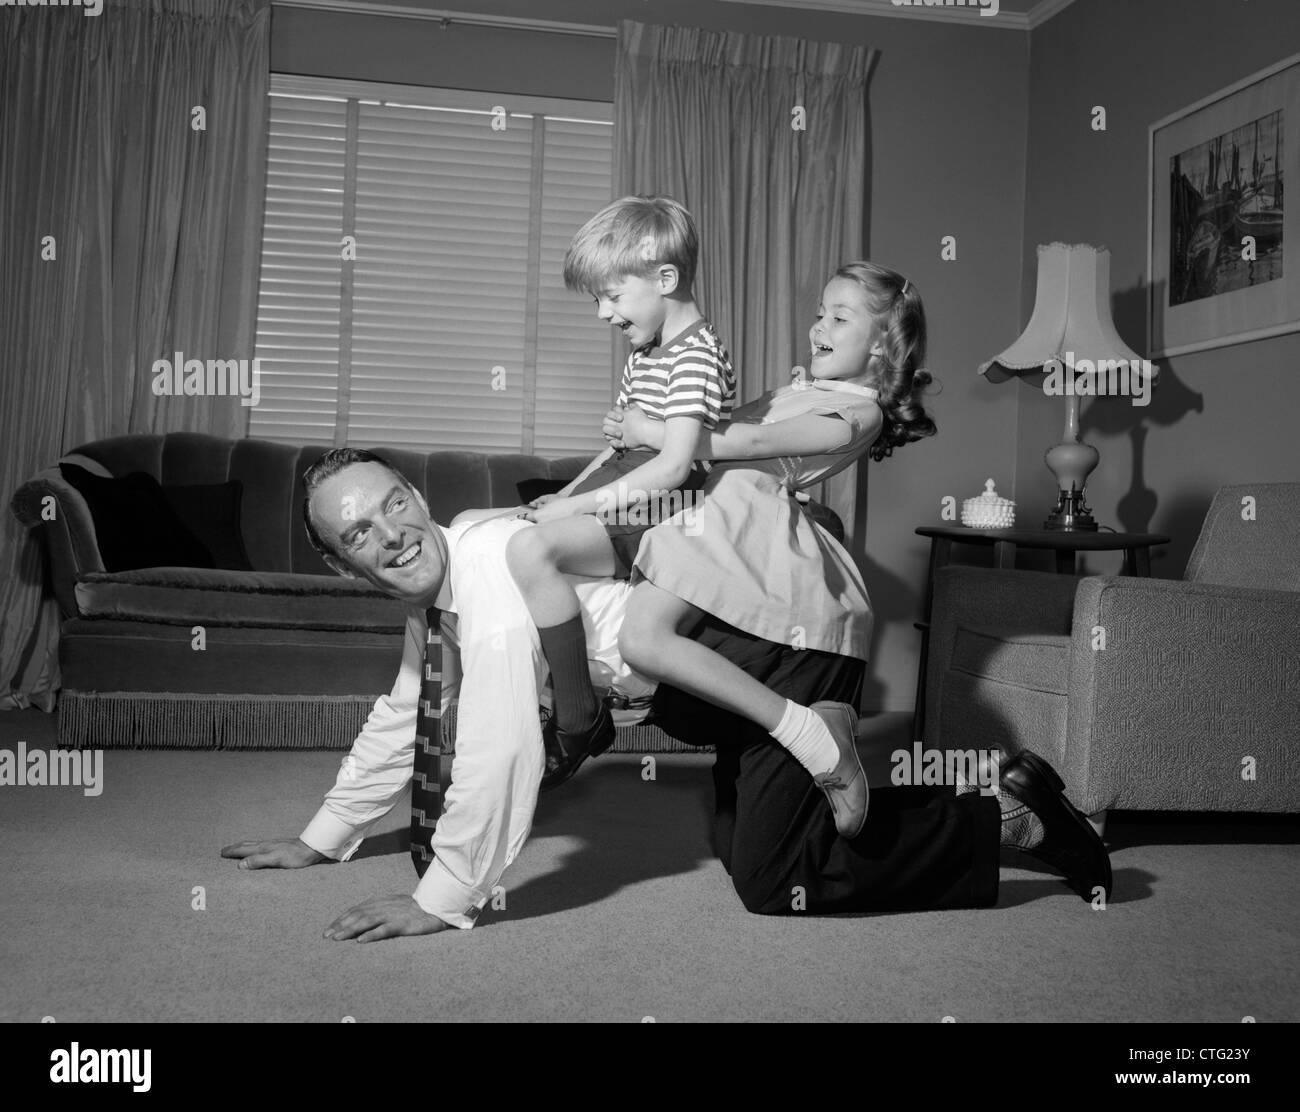 1950 1960 Papá llevando Boy & GIRL PIGGYBACK EN SALÓN PISO Imagen De Stock